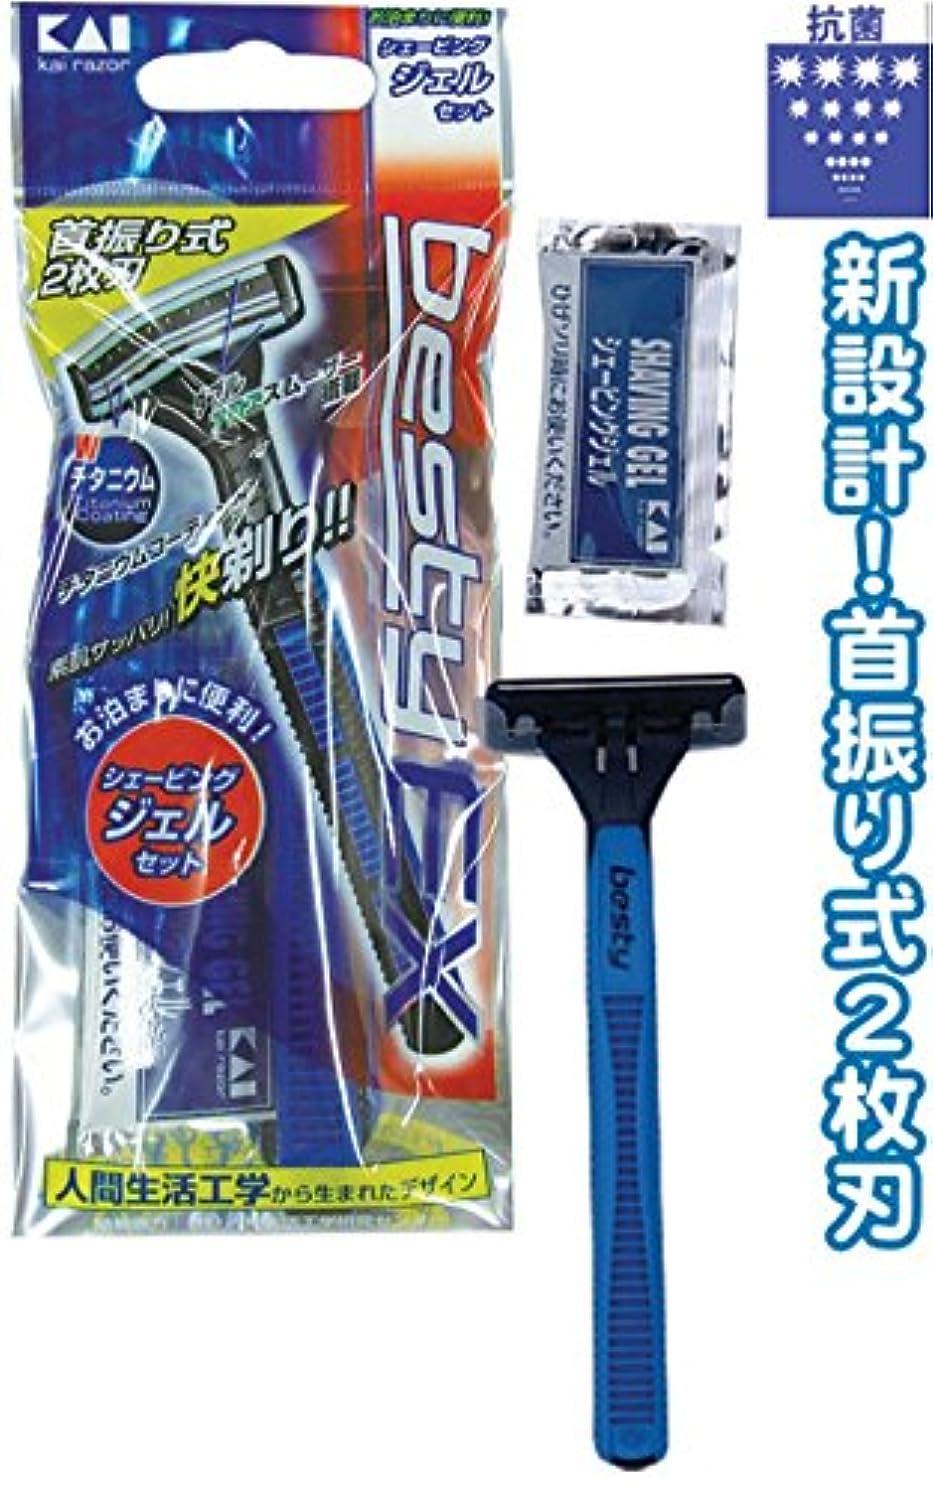 雹誇りに思う青日本製 japan 貝印01-086 ベスティEX(首振り式?ジェルセット) 【まとめ買い10個セット】 21-022